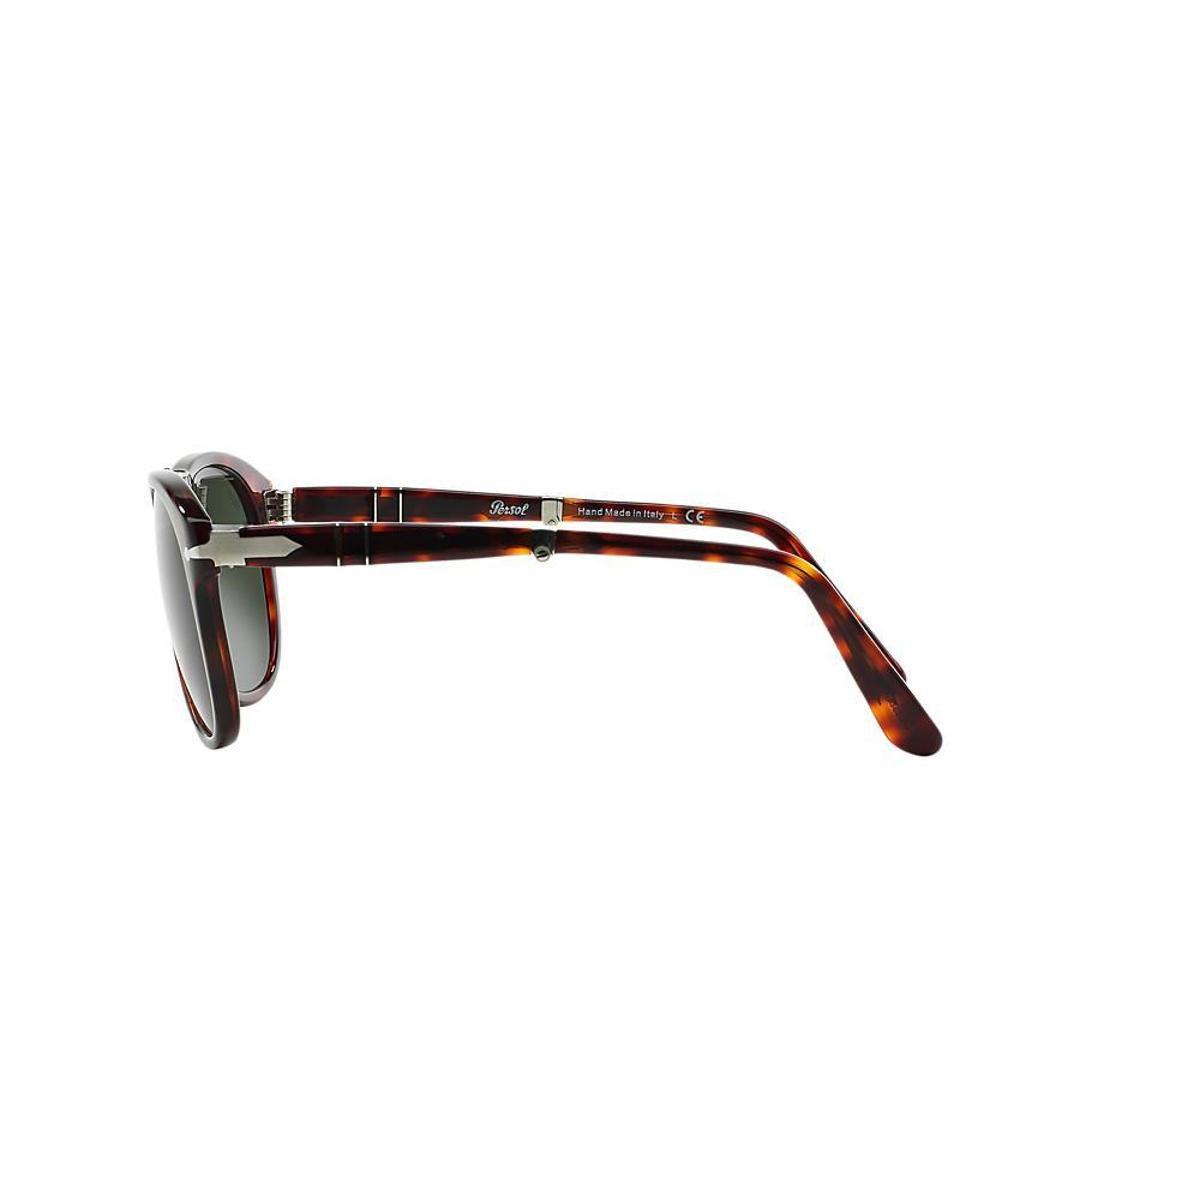 9f77217be34a7 Óculos de Sol Persol Piloto PO0714 Dobrável Masculino - Marrom ...